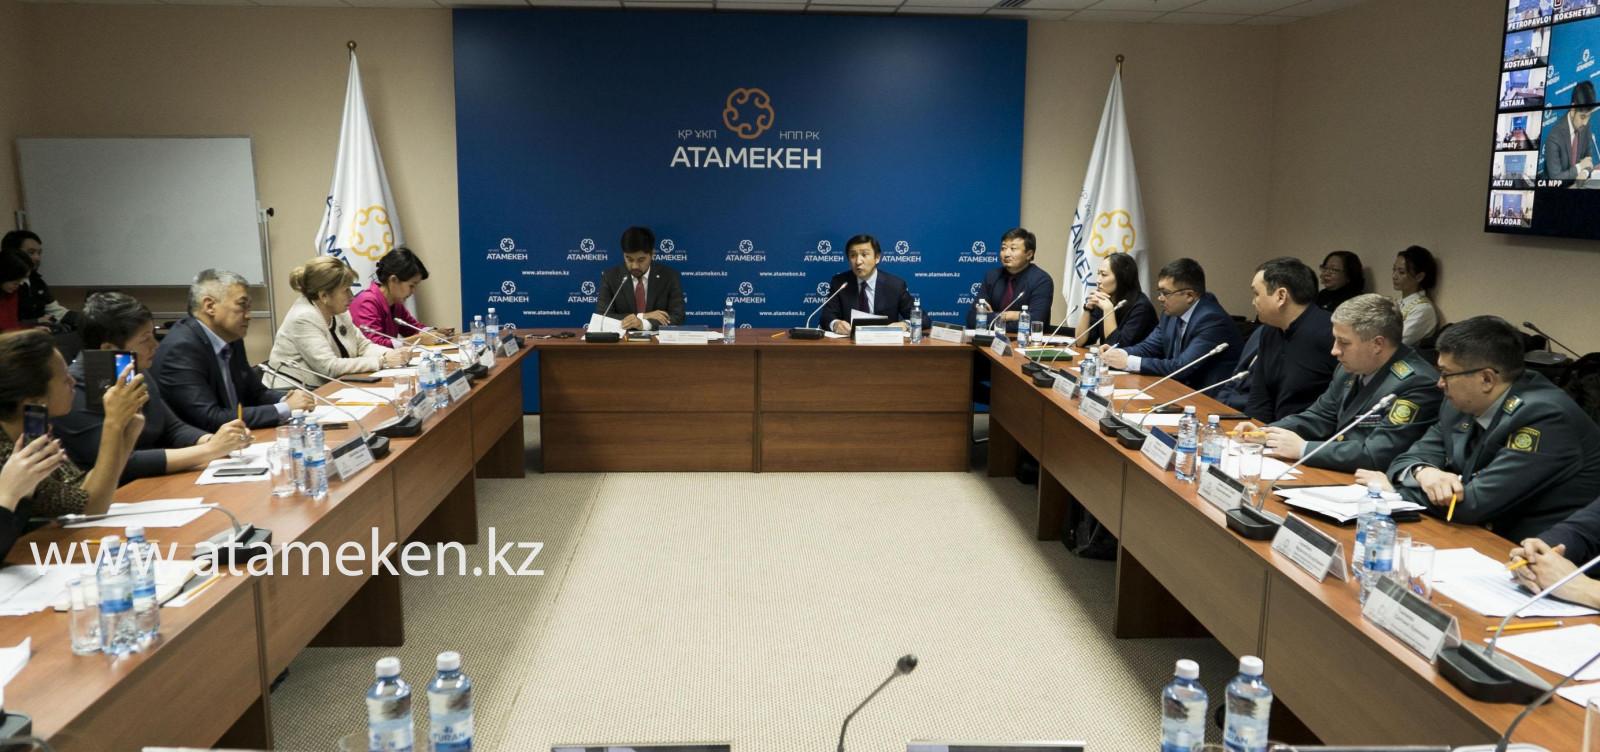 В Нацпалате презентовали программу развития туризма , НПП РК «Атамекен», Туризм, Олжас Ордабаев